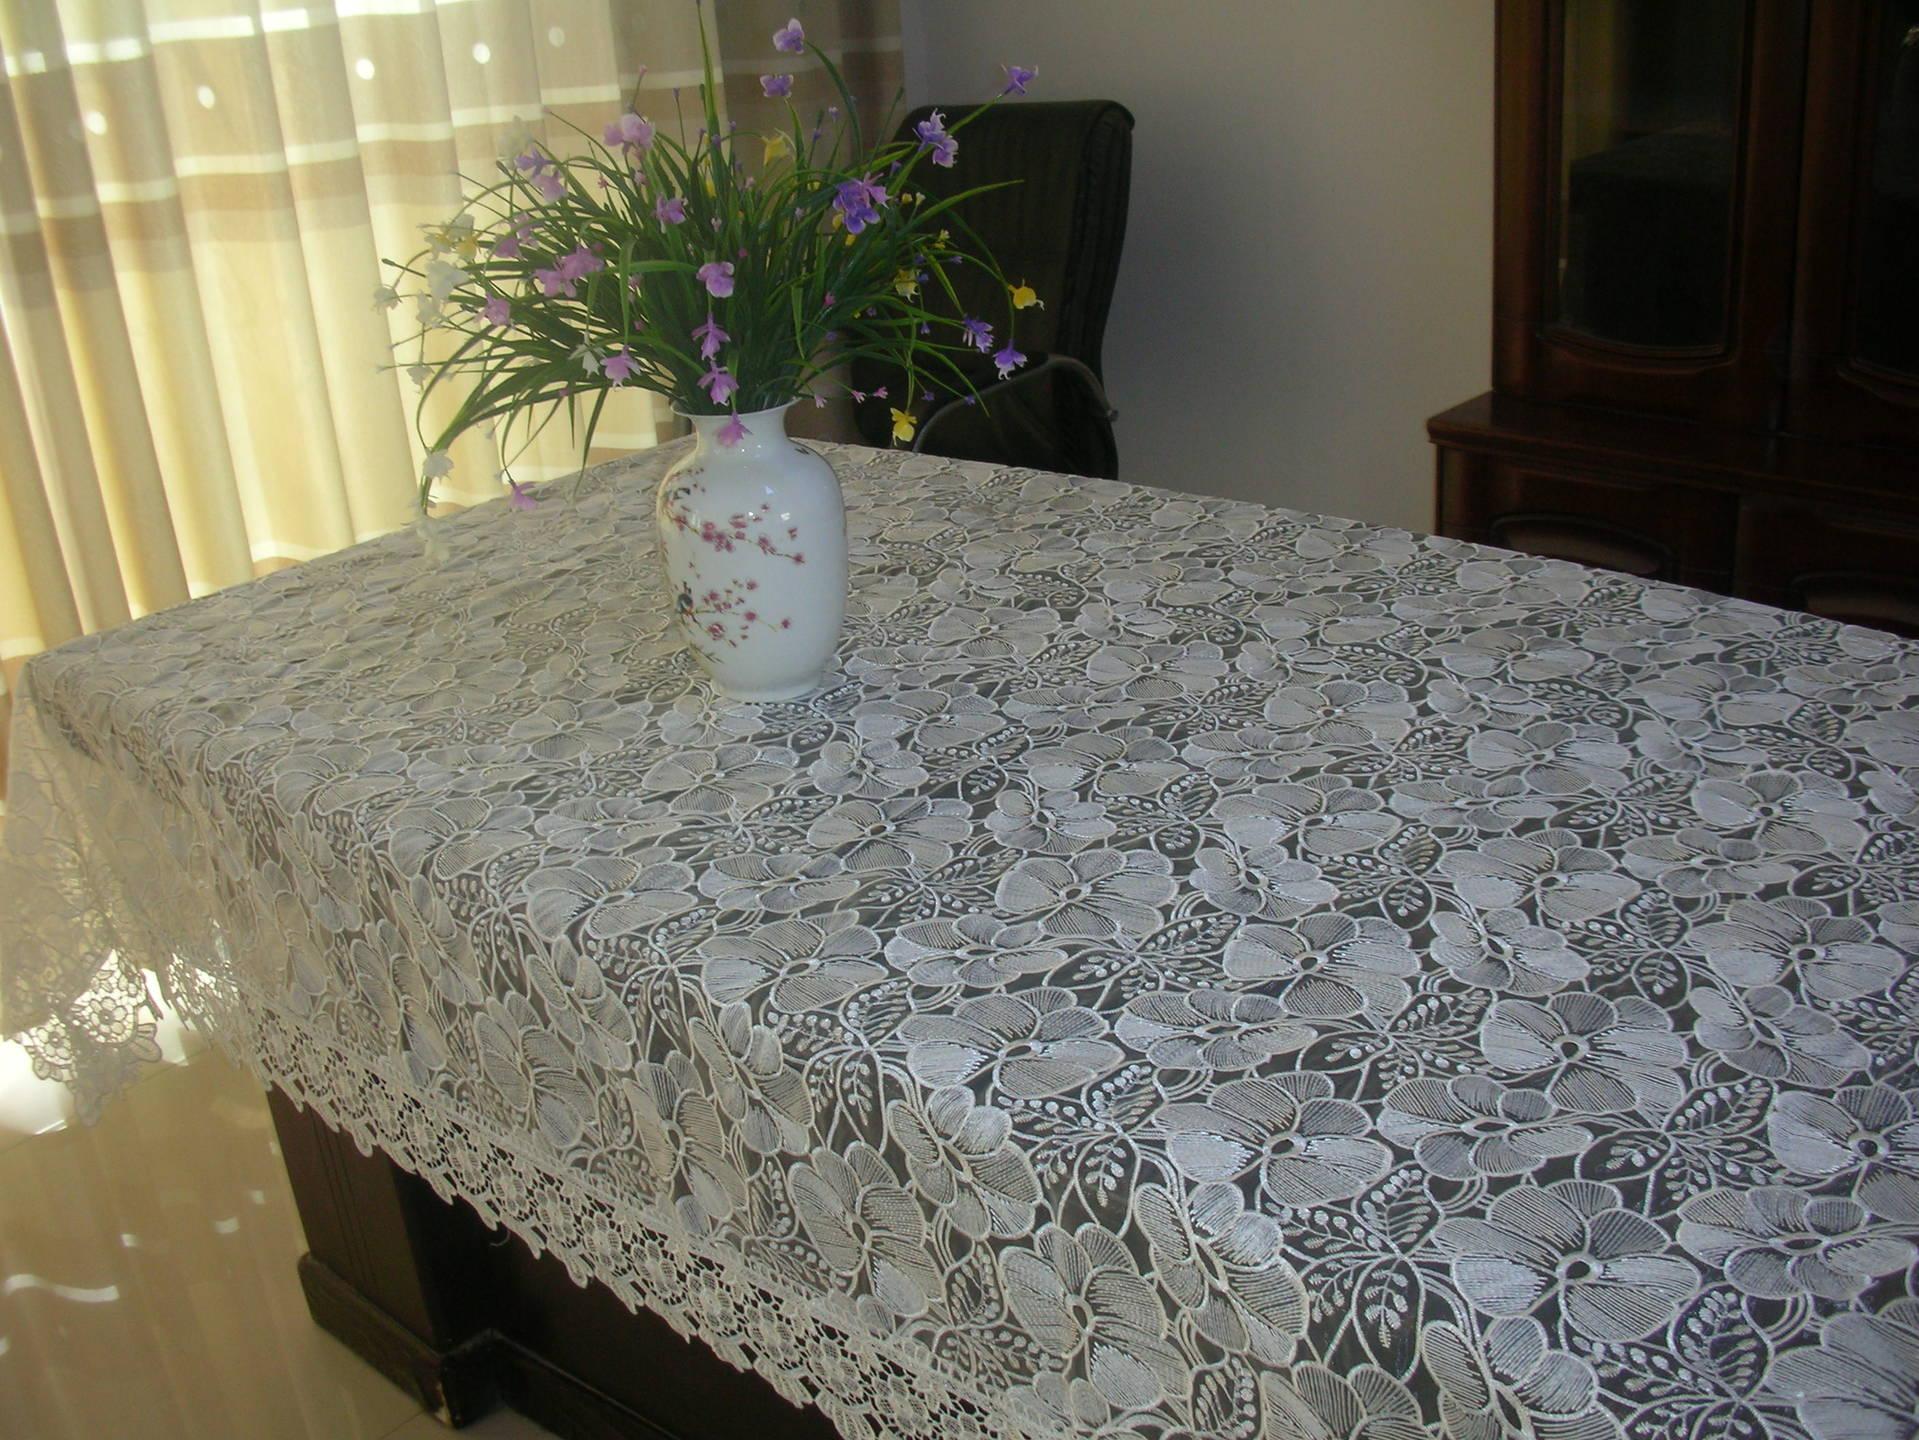 水溶花边 厂家销售各种绣花桌布 水溶花边 高档工艺品 阿里巴巴